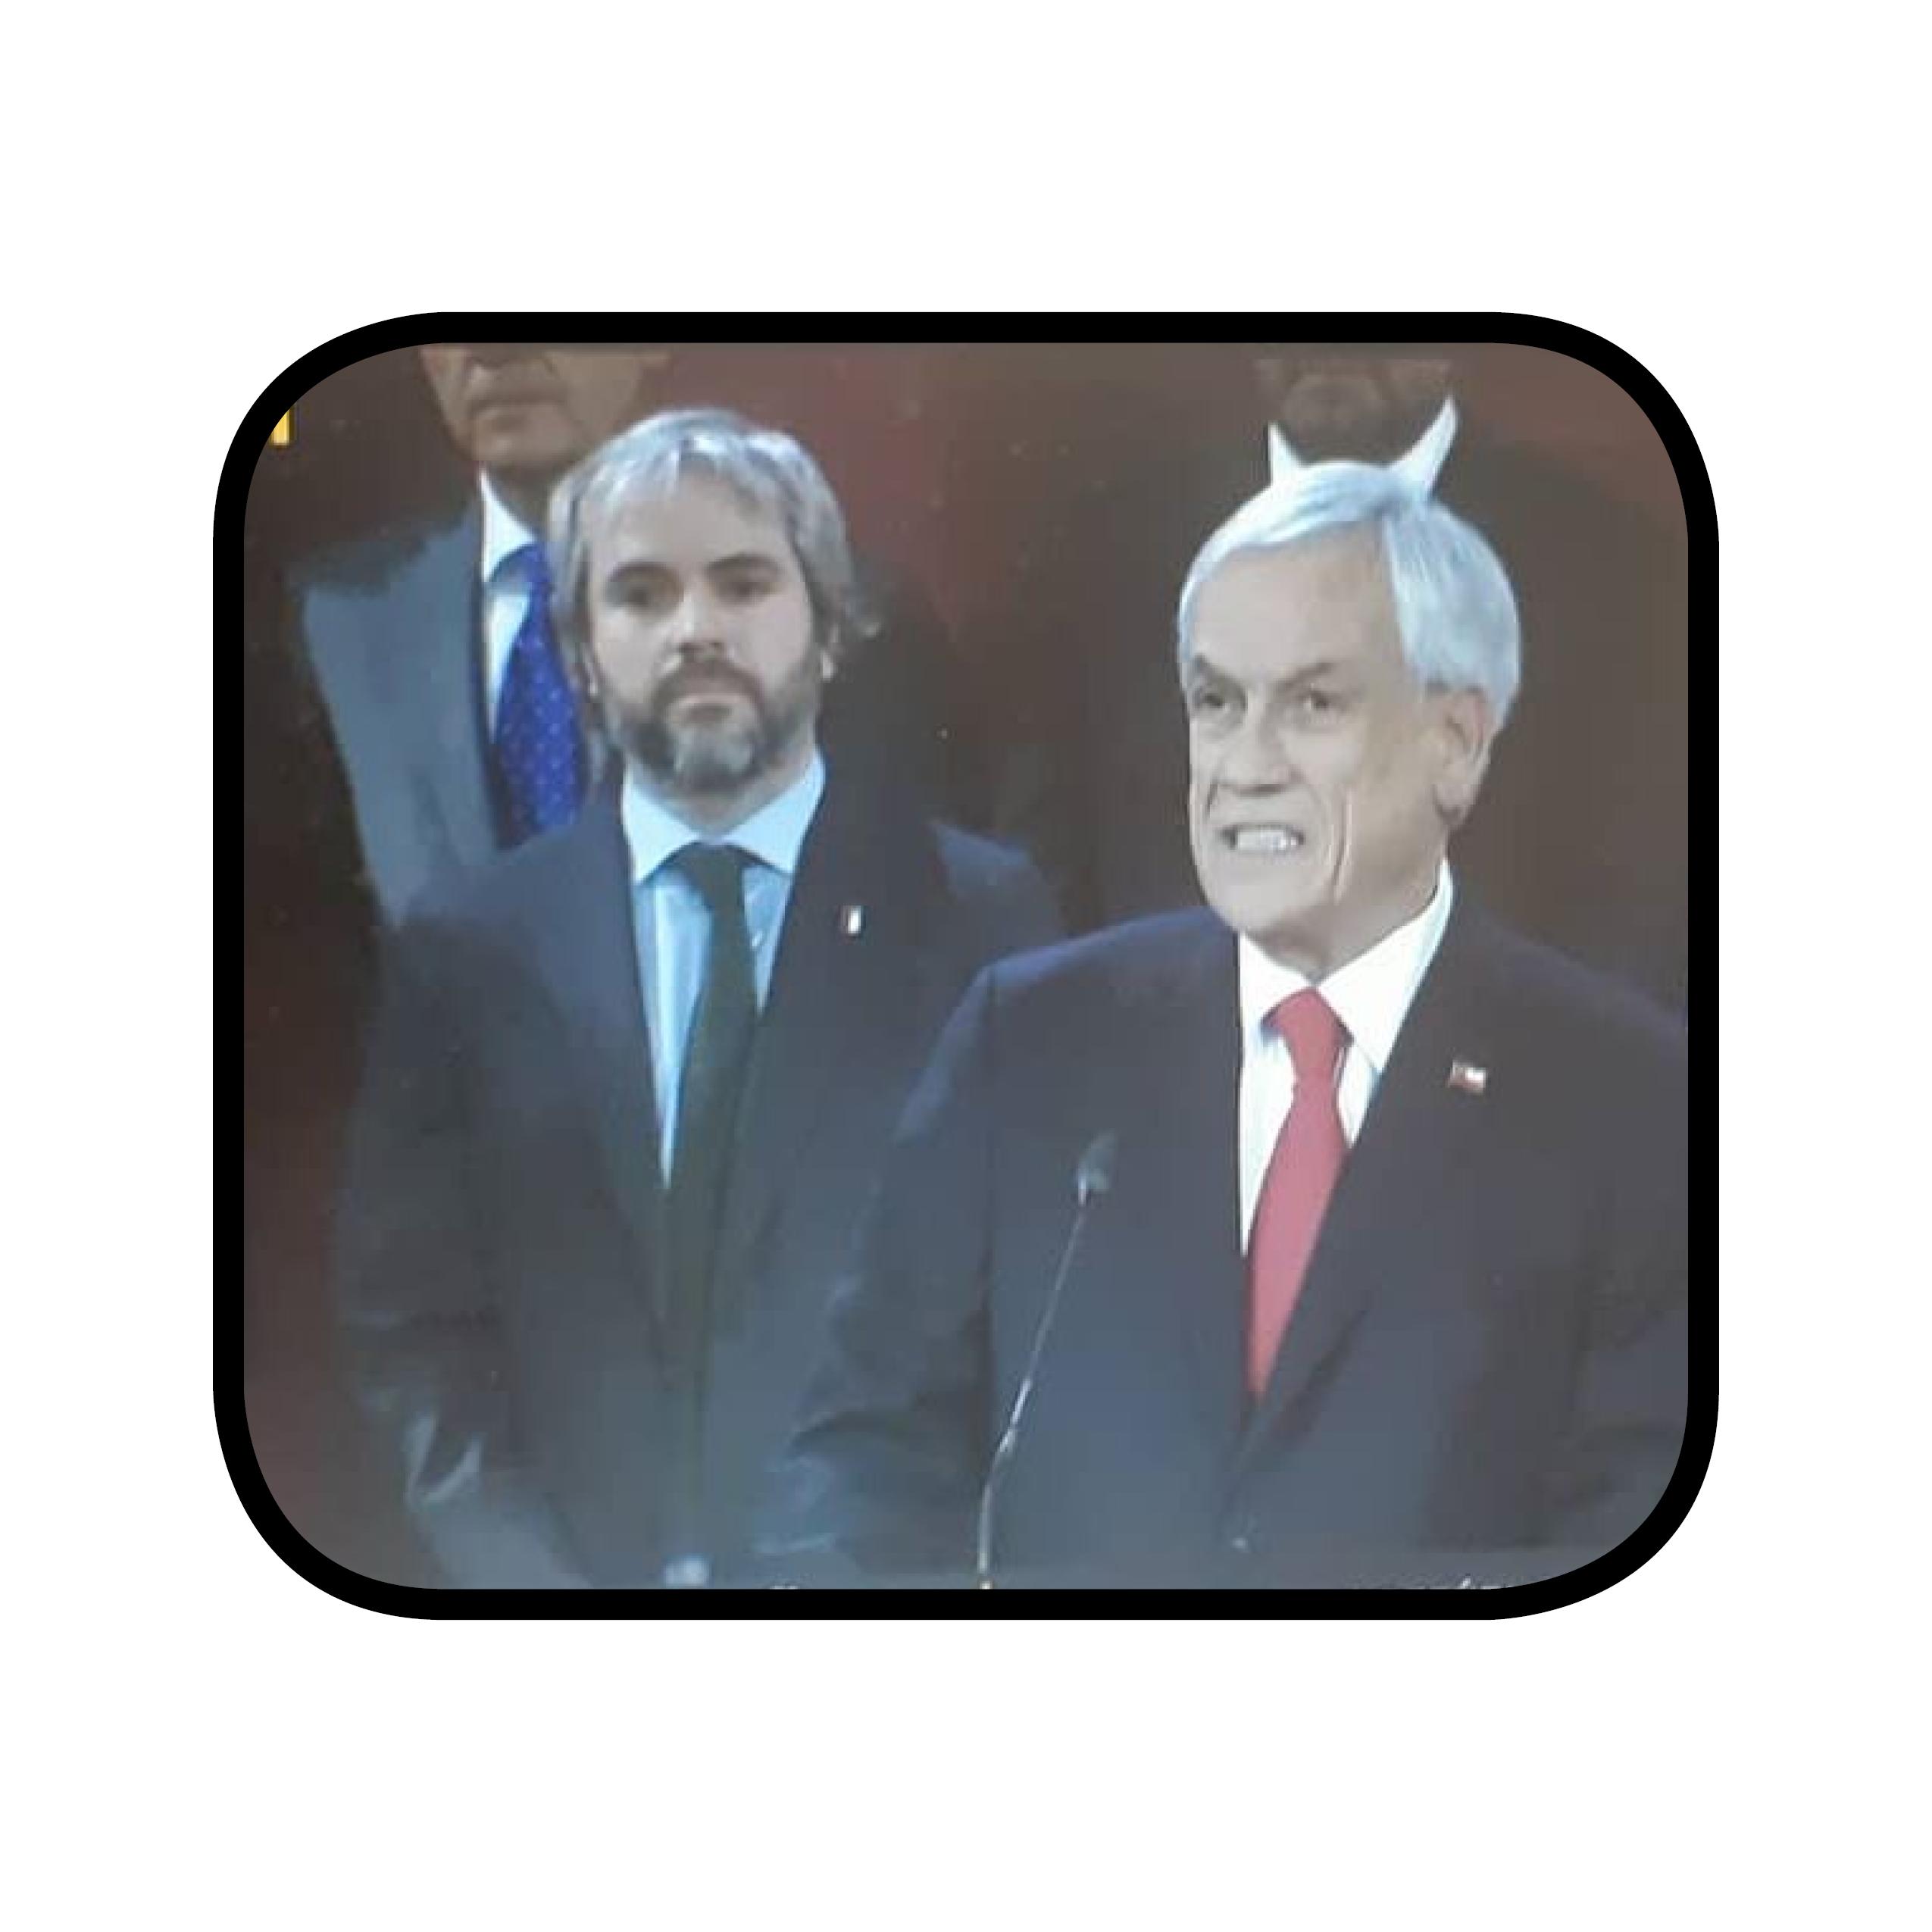 Imagen destacada Piñera es el devil – Pacos_InCrescendo ? Pacos_InQliables [Cayo Cactus]